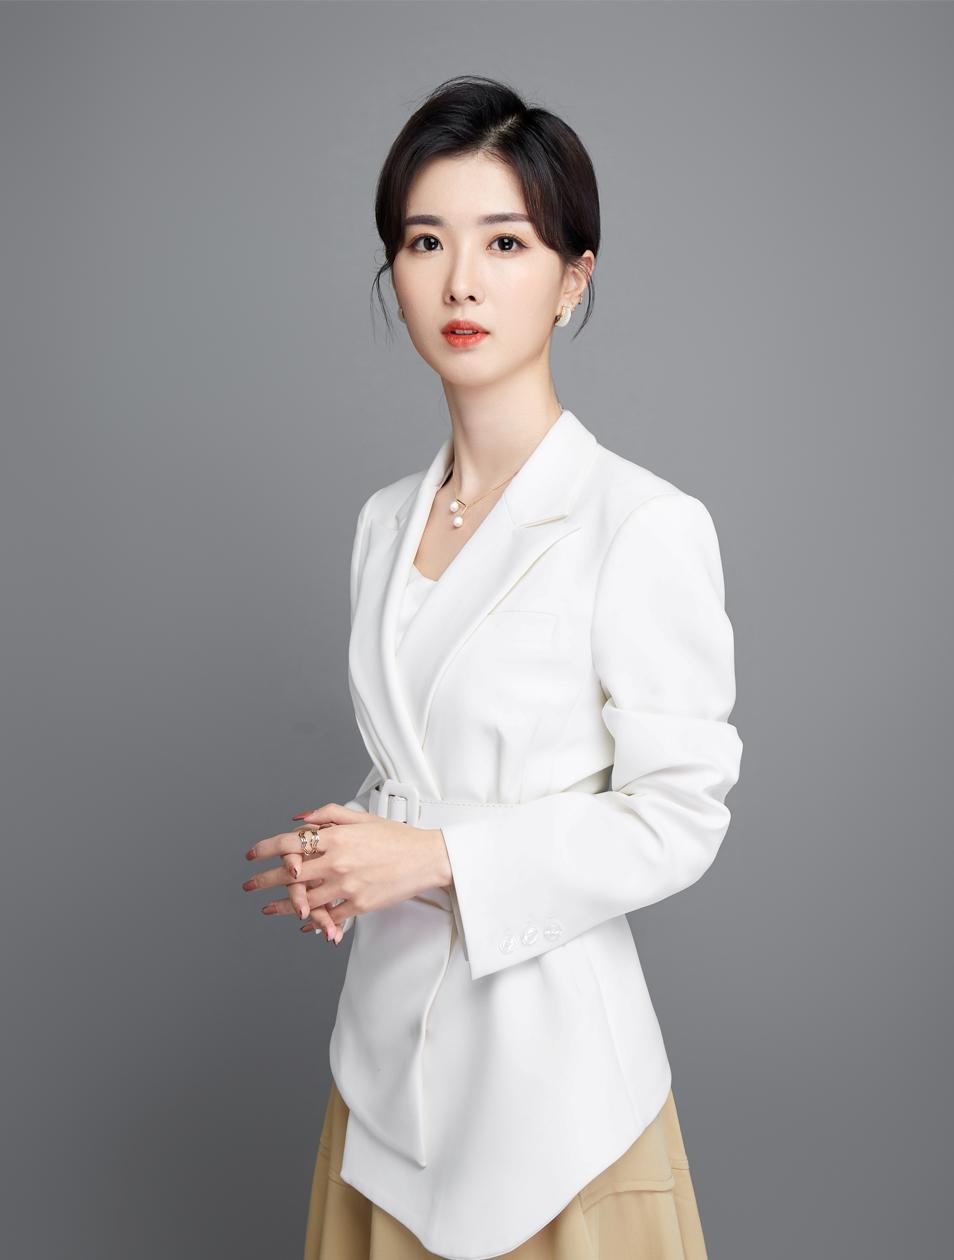 锦华装饰设计师-杜亚楠